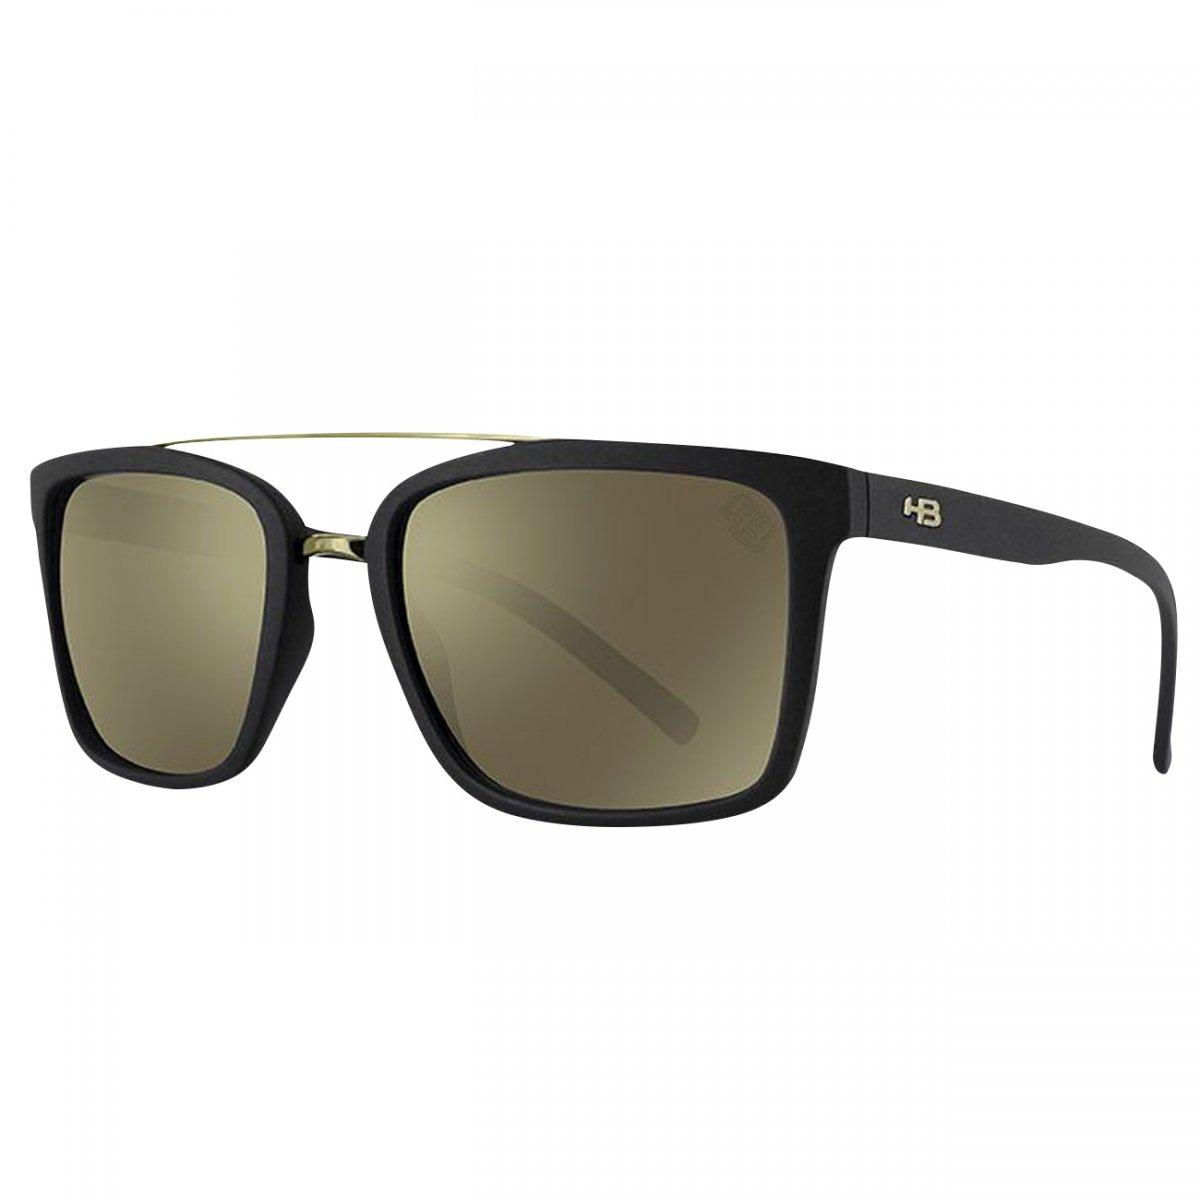 Oculos HB Spencer Espelhado 9013000189 - Preto fosco gold - Chuteira Nike,  Adidas. Sandalias Femininas. Sandy Calçados 14c1900a3c